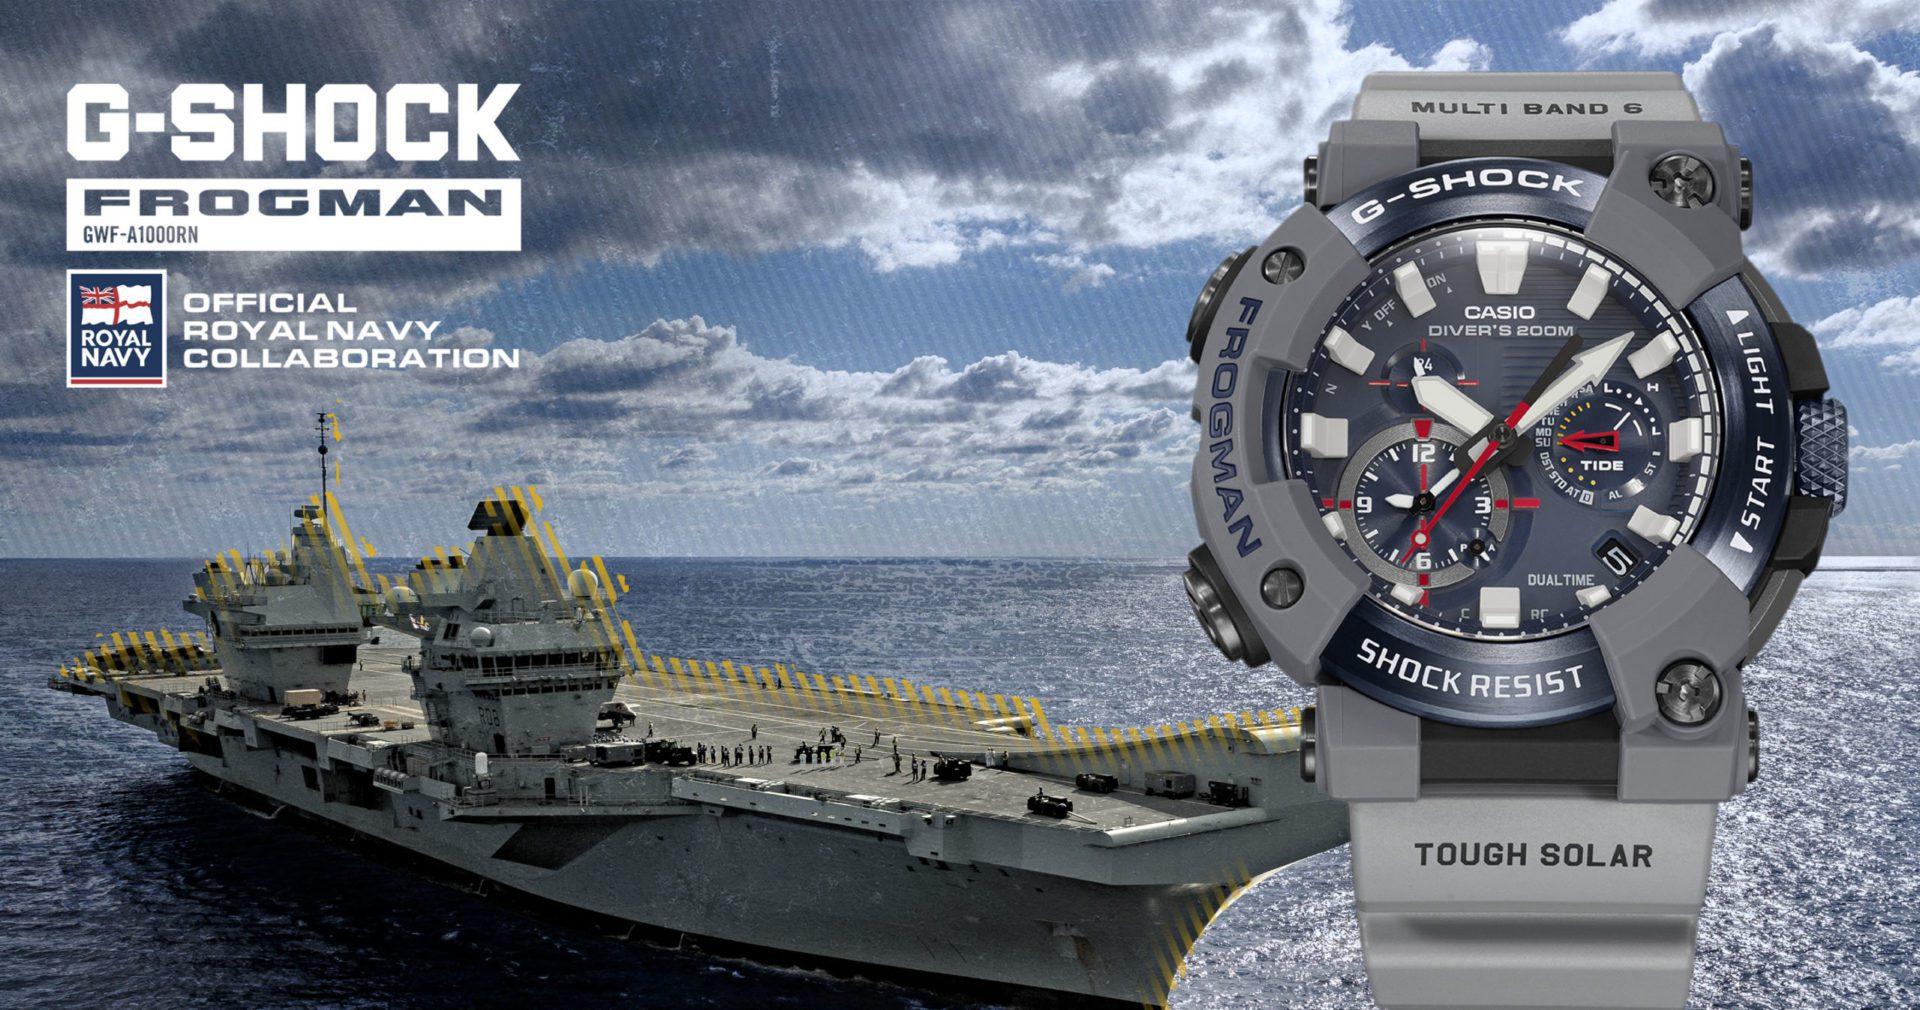 Royal Navy x G-SHOCK